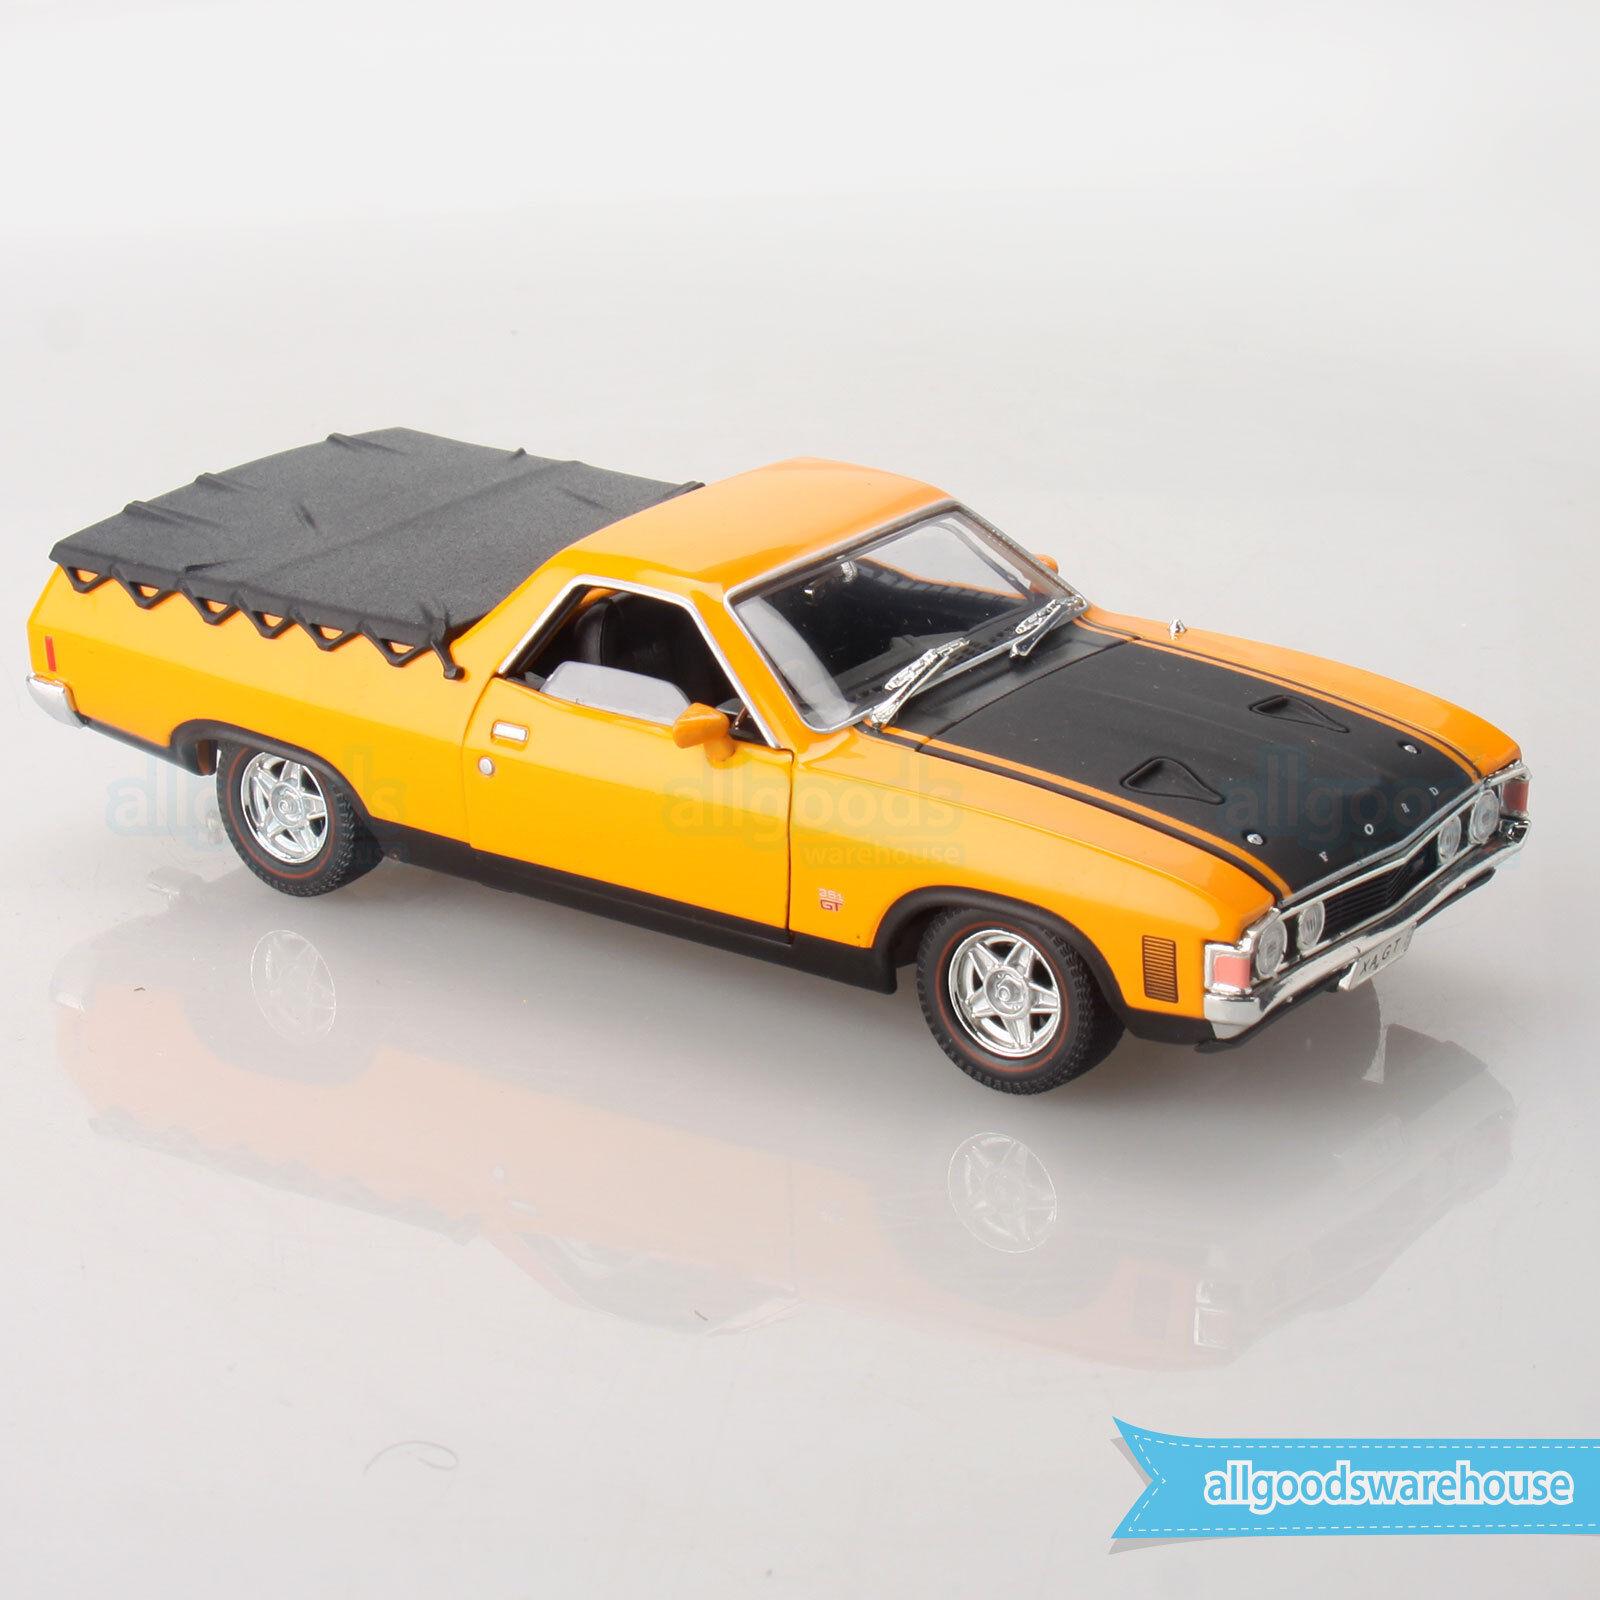 ahorrar en el despacho Ford Falcon XA 351 GT GT GT UTE escala 1 32 Diecast Coche Amarillo Fuego Aussie Clásico  A la venta con descuento del 70%.